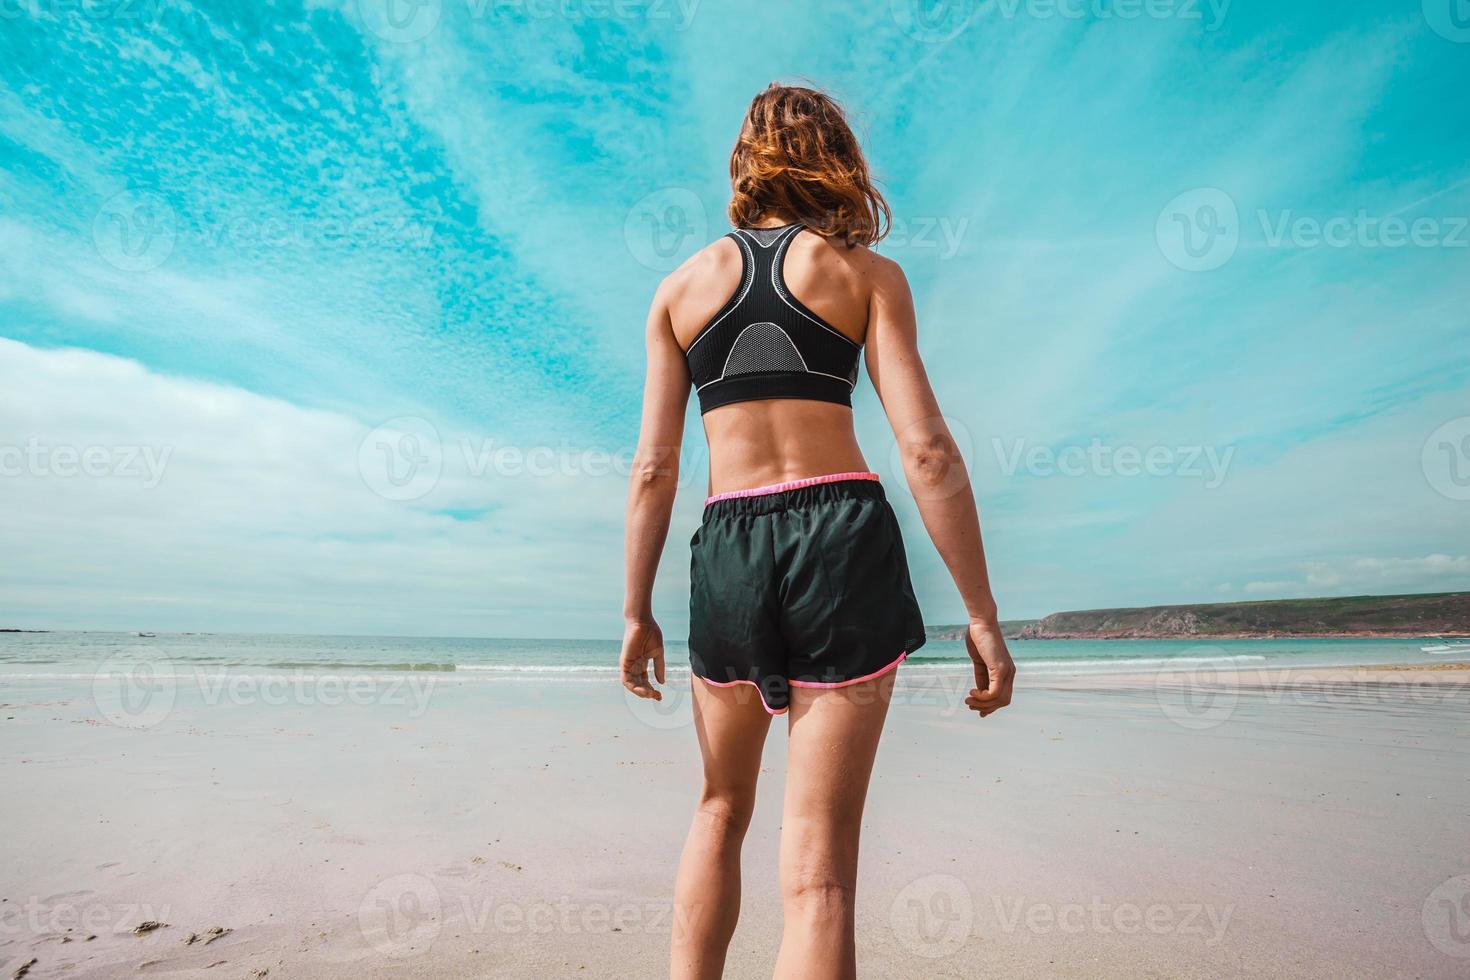 atletische jonge vrouw die zich op het strand bevindt foto